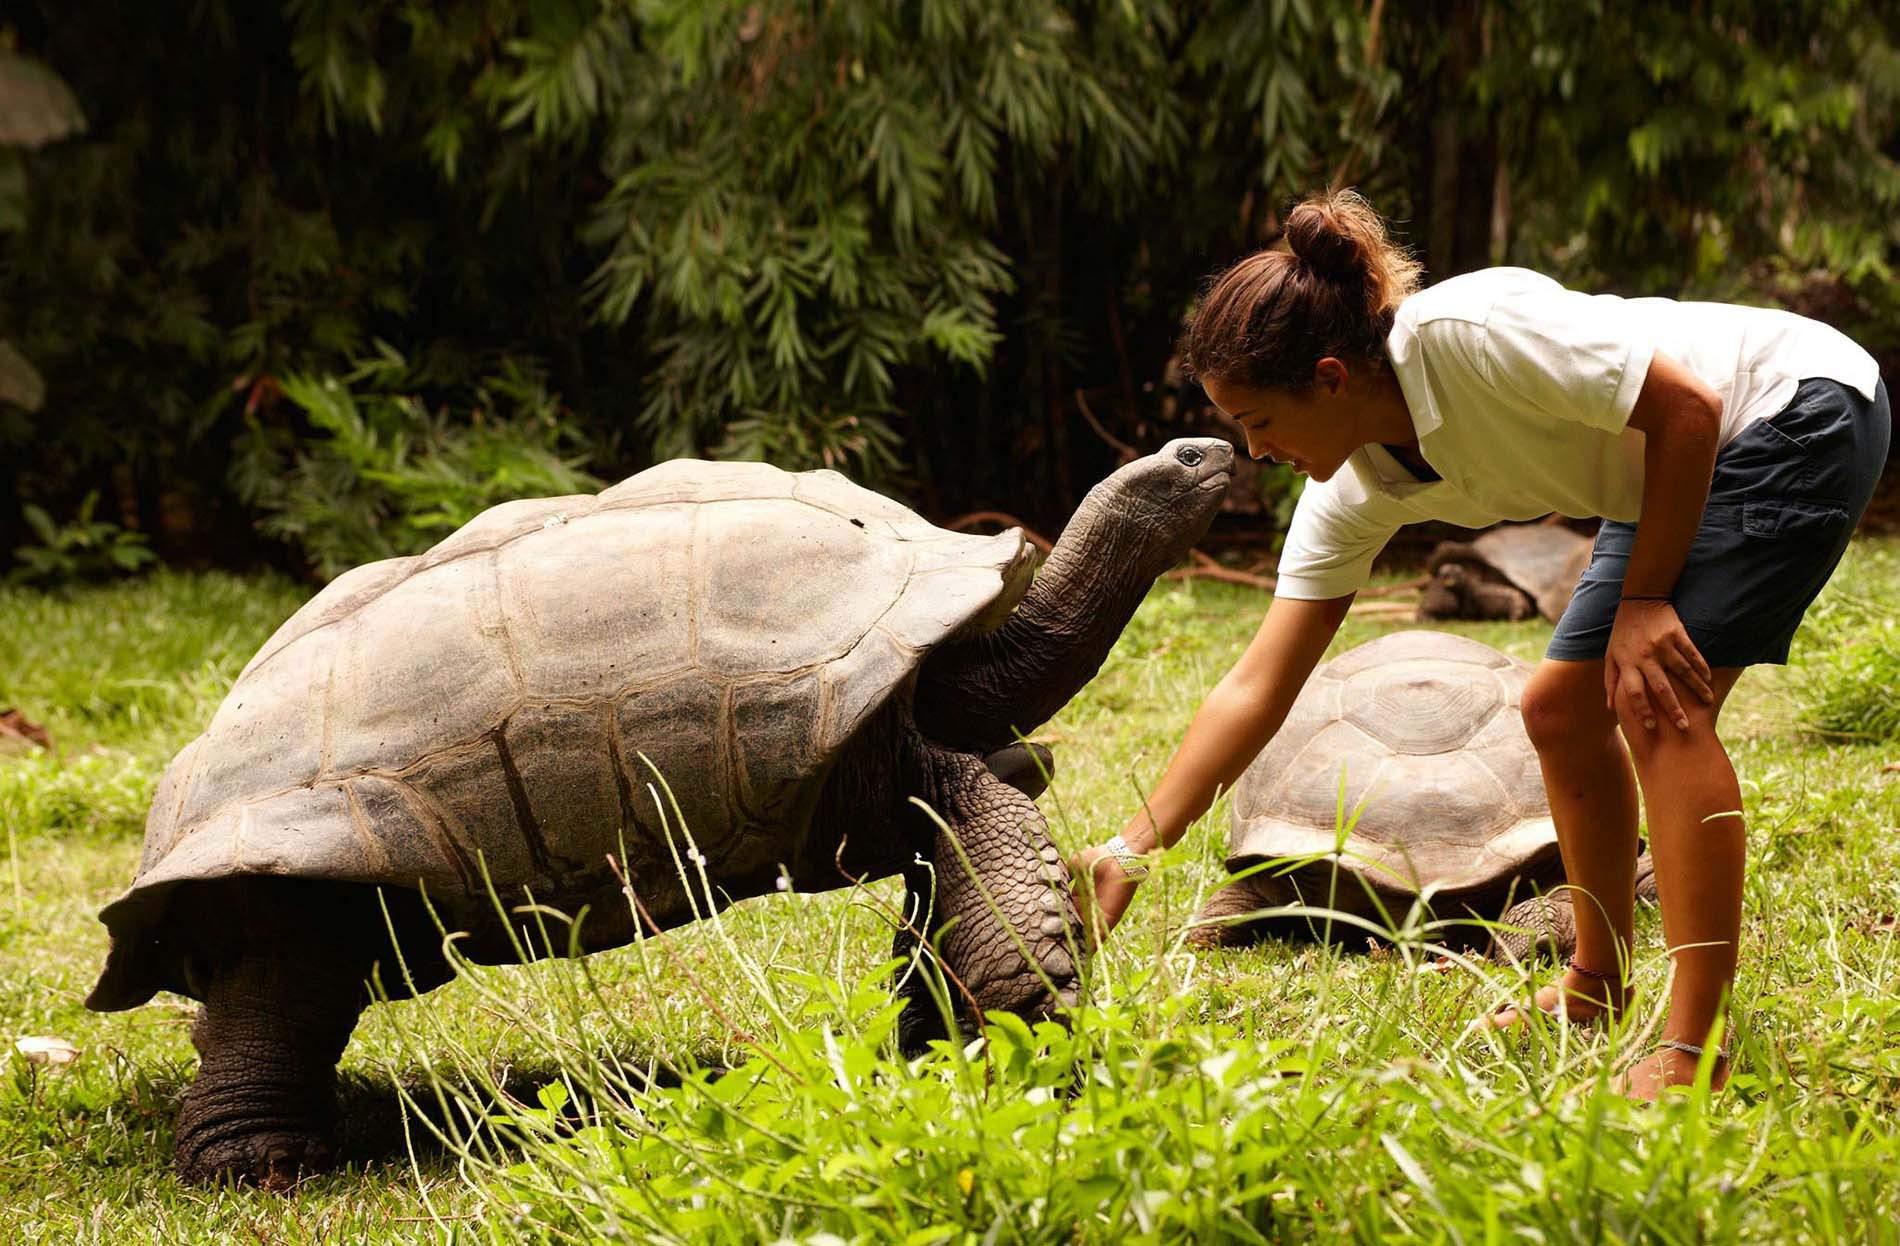 fregate island conservation giant-aldabra-tortoises 5 . Conservación y sostenibilidad